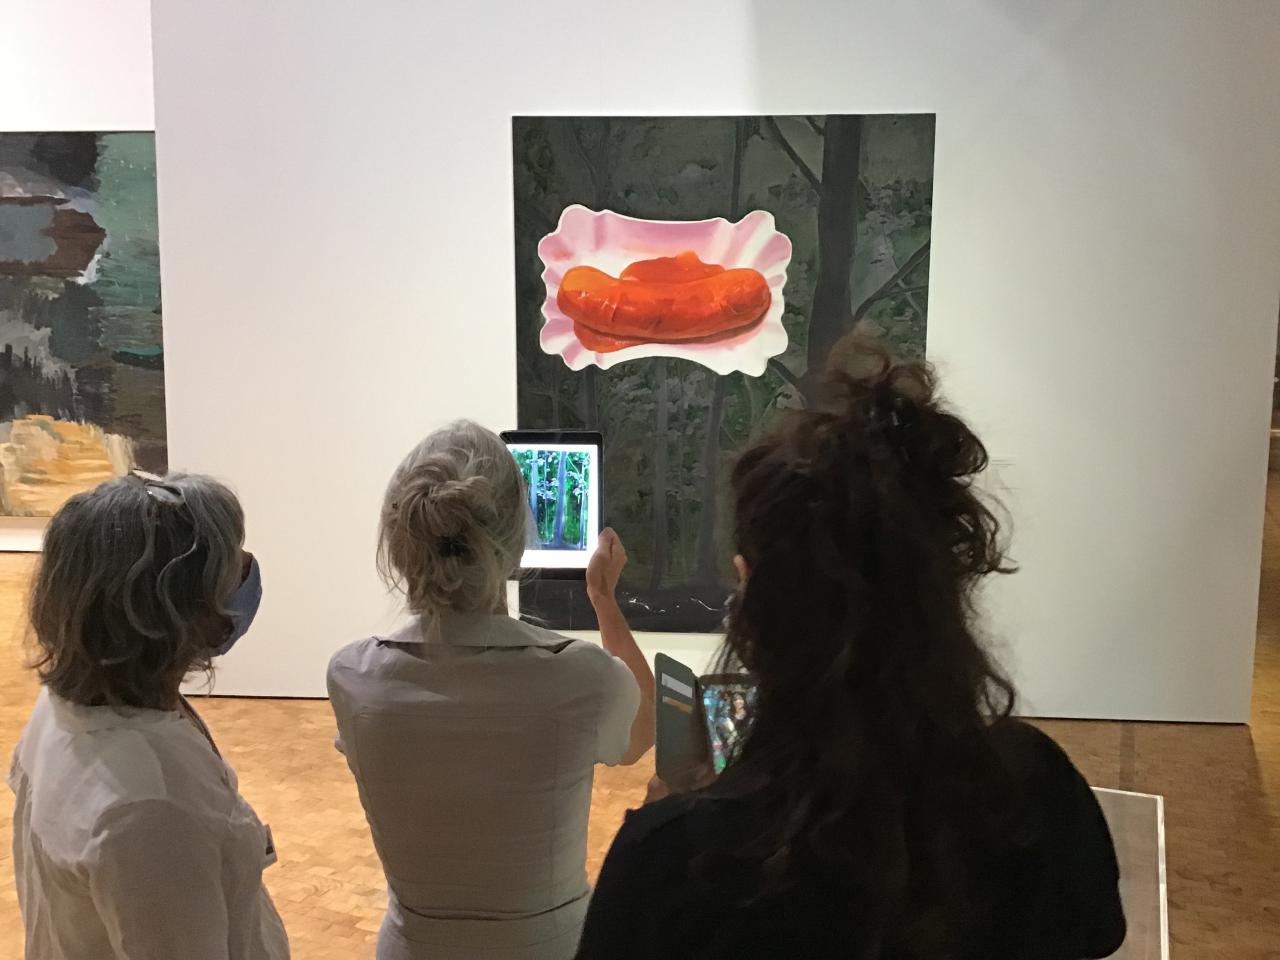 Drei Frauen stehen vor einem Bild, auf dem eine Currywurst in einer Pappschale zu sehen ist. Eine der Frauen hält ein iPad auf das Bild.